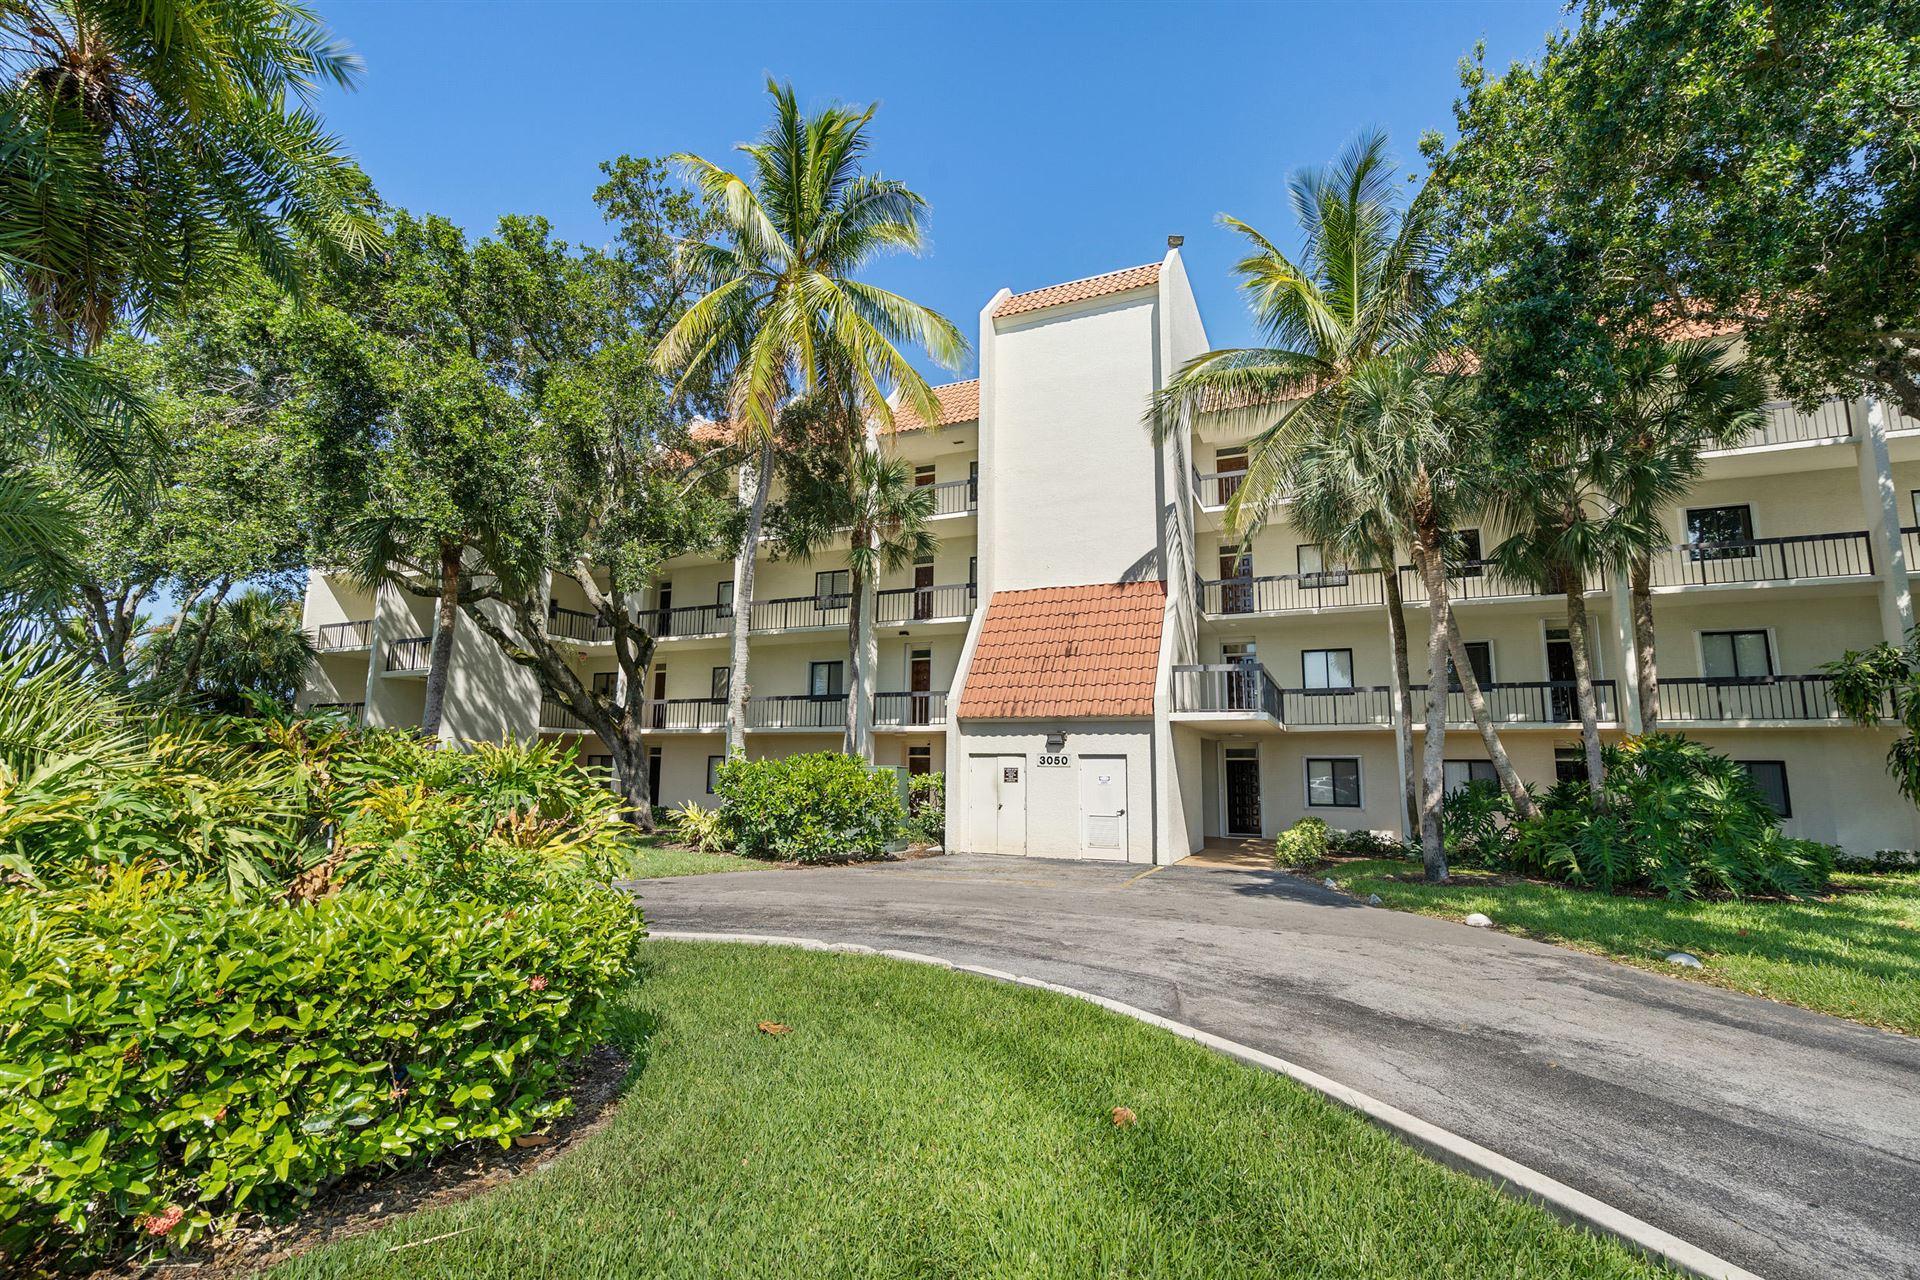 3050 Presidential Way #202, West Palm Beach, FL 33401 - MLS#: RX-10720073